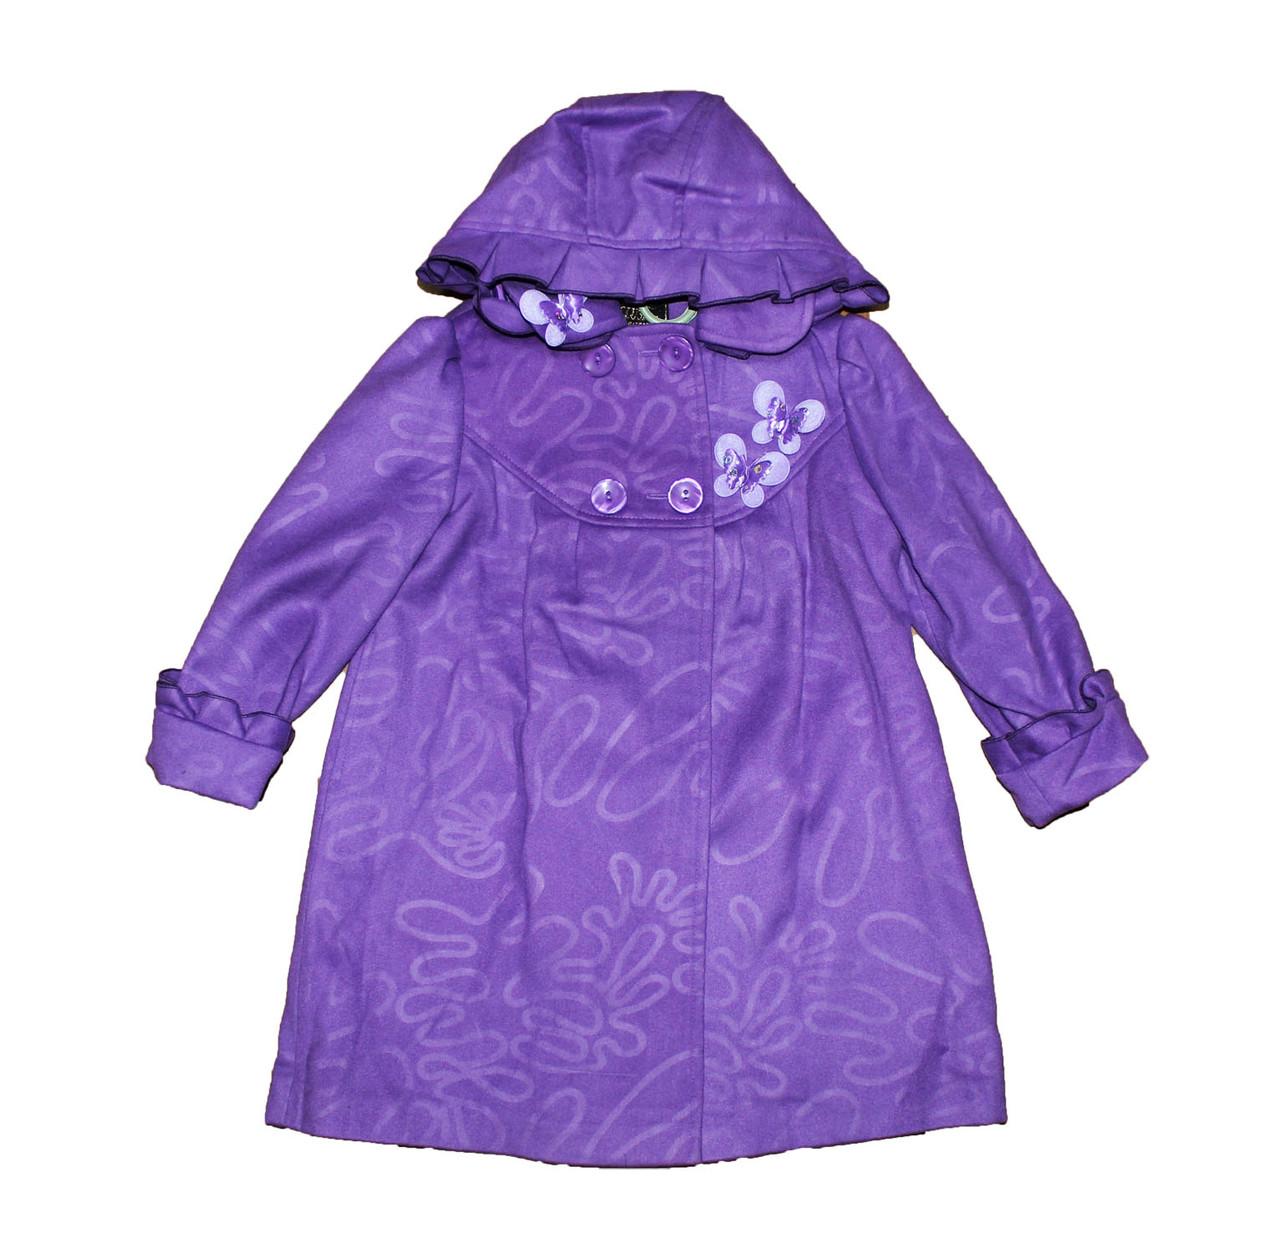 Пальто дитяче кашимировое для дівчинки .Півонія